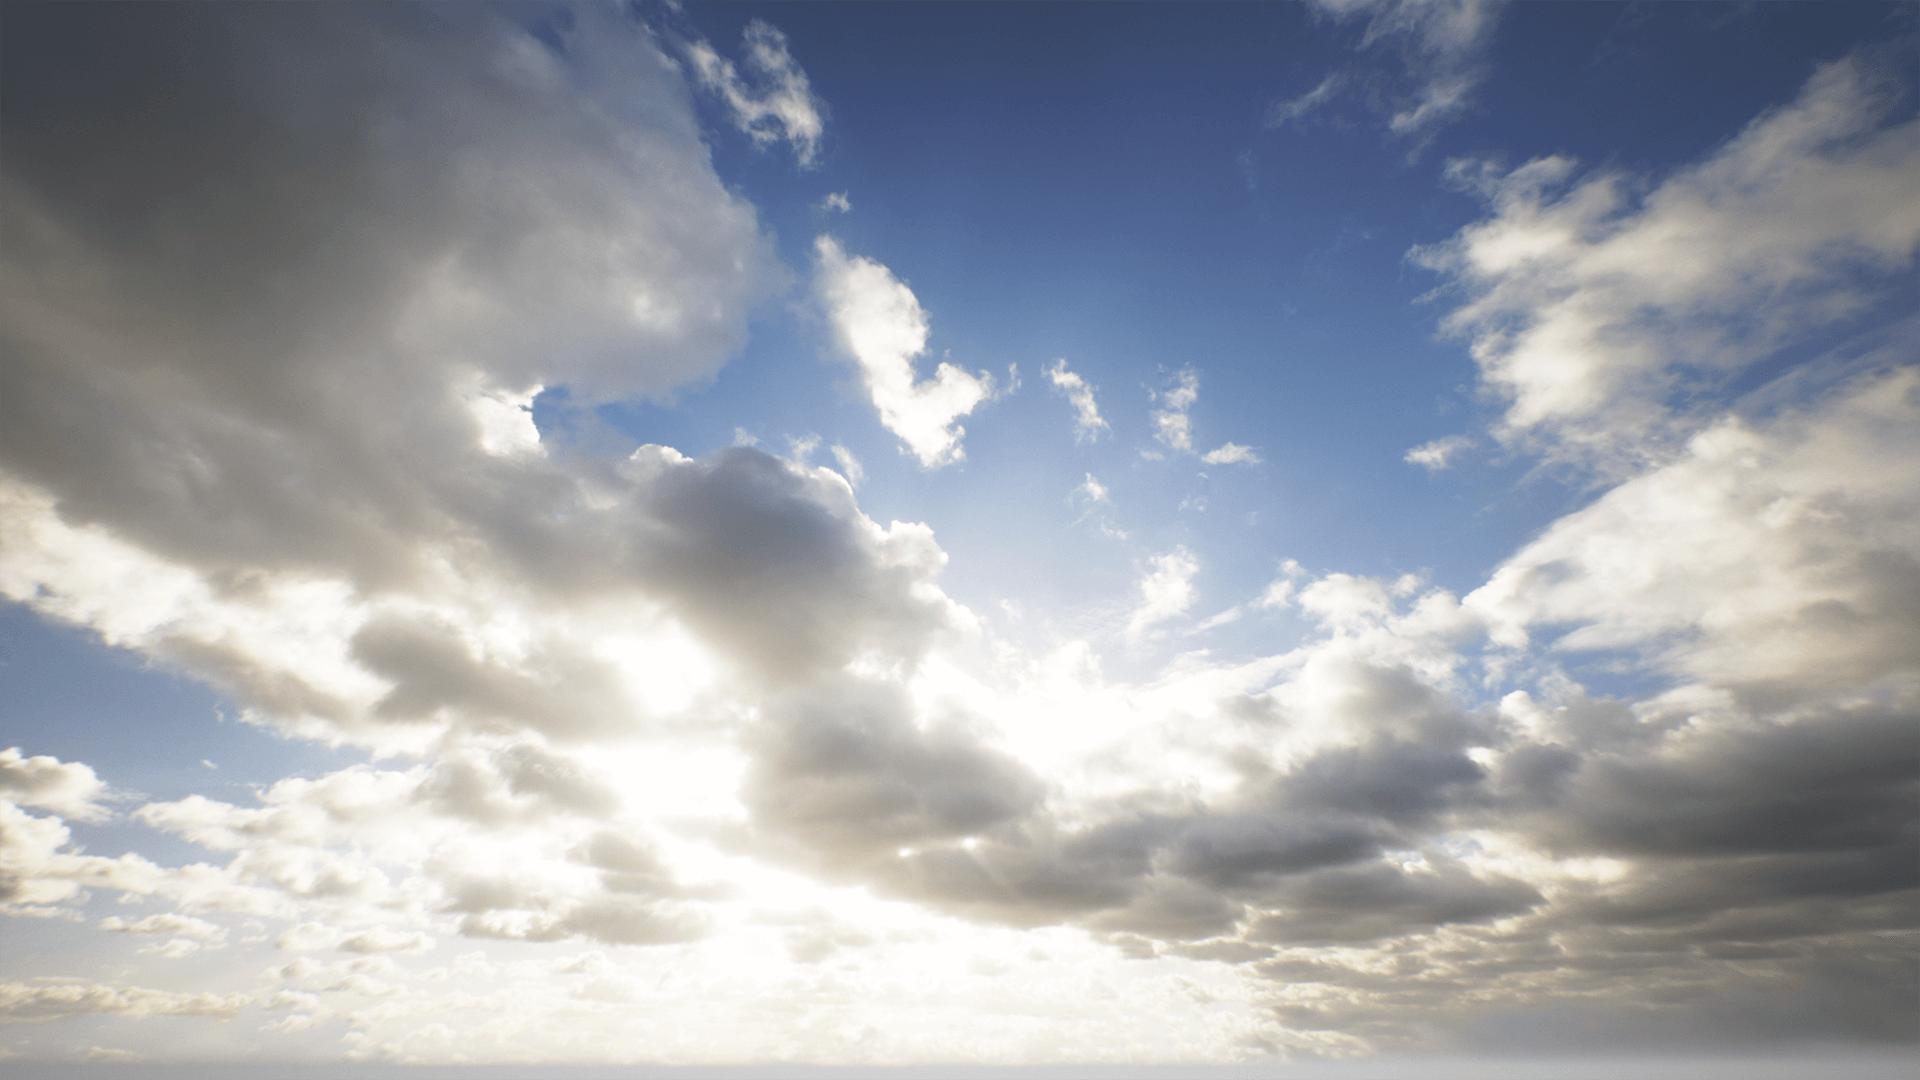 Sky Pack: 25 Skies by Joost Vanhoutte in Environments - UE4